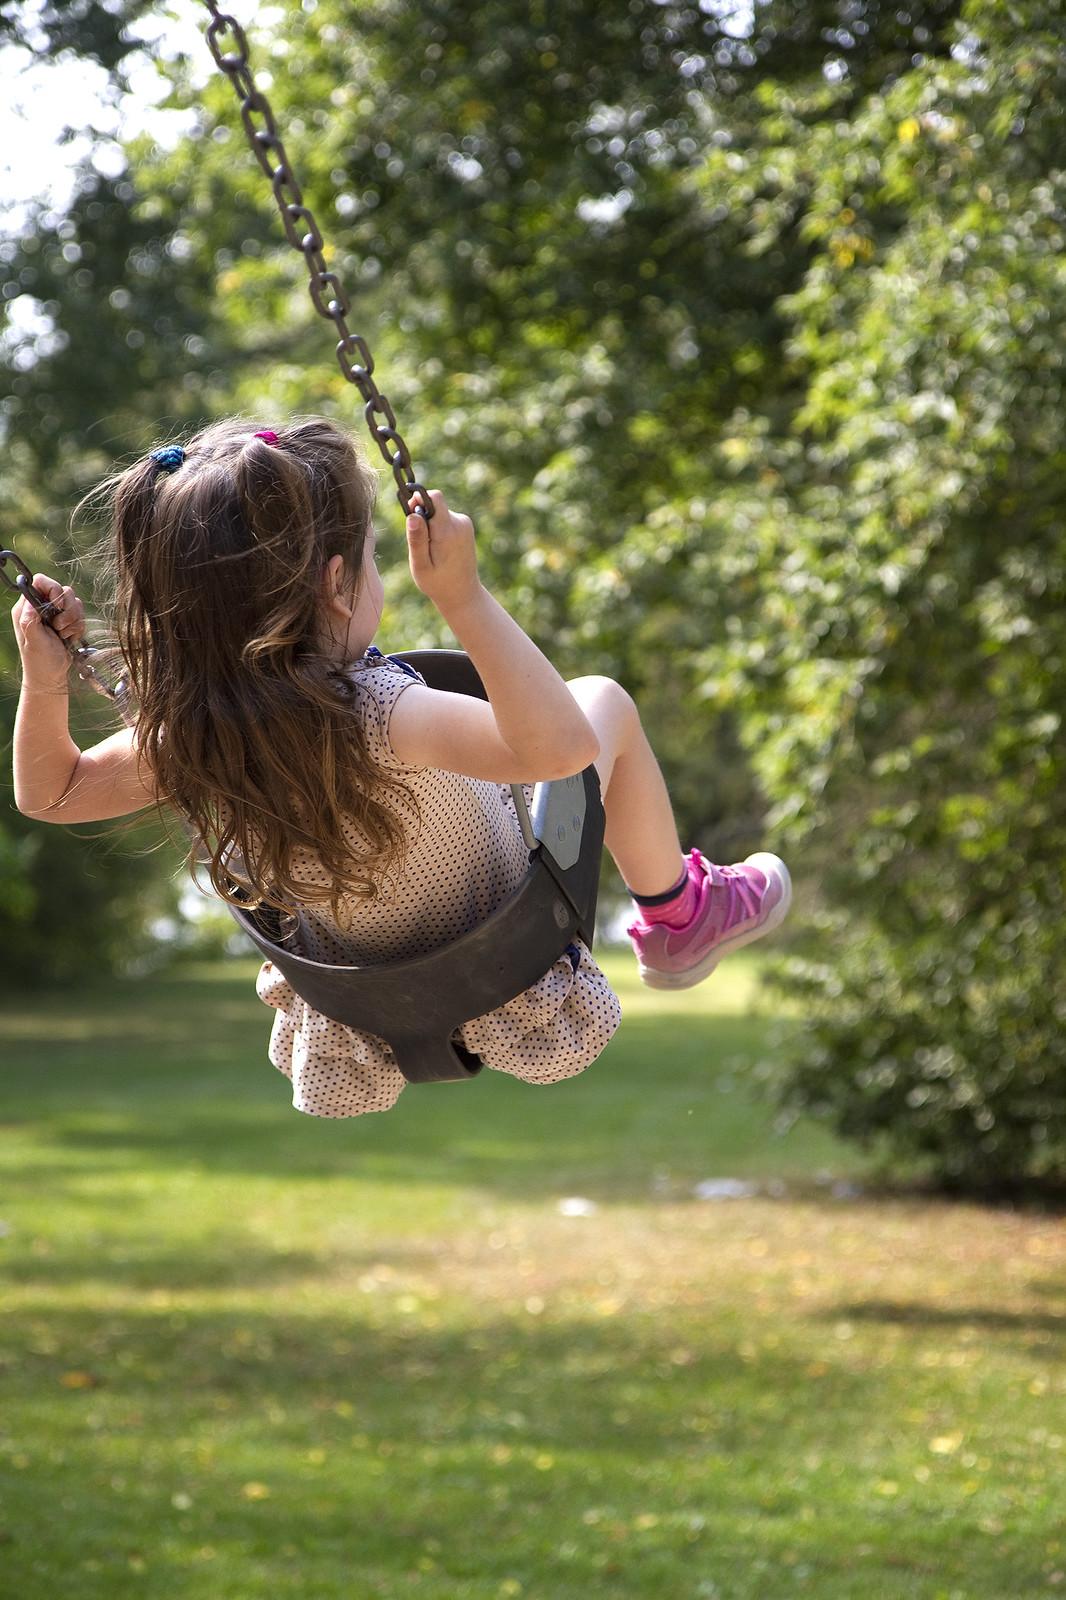 cutie on a swing